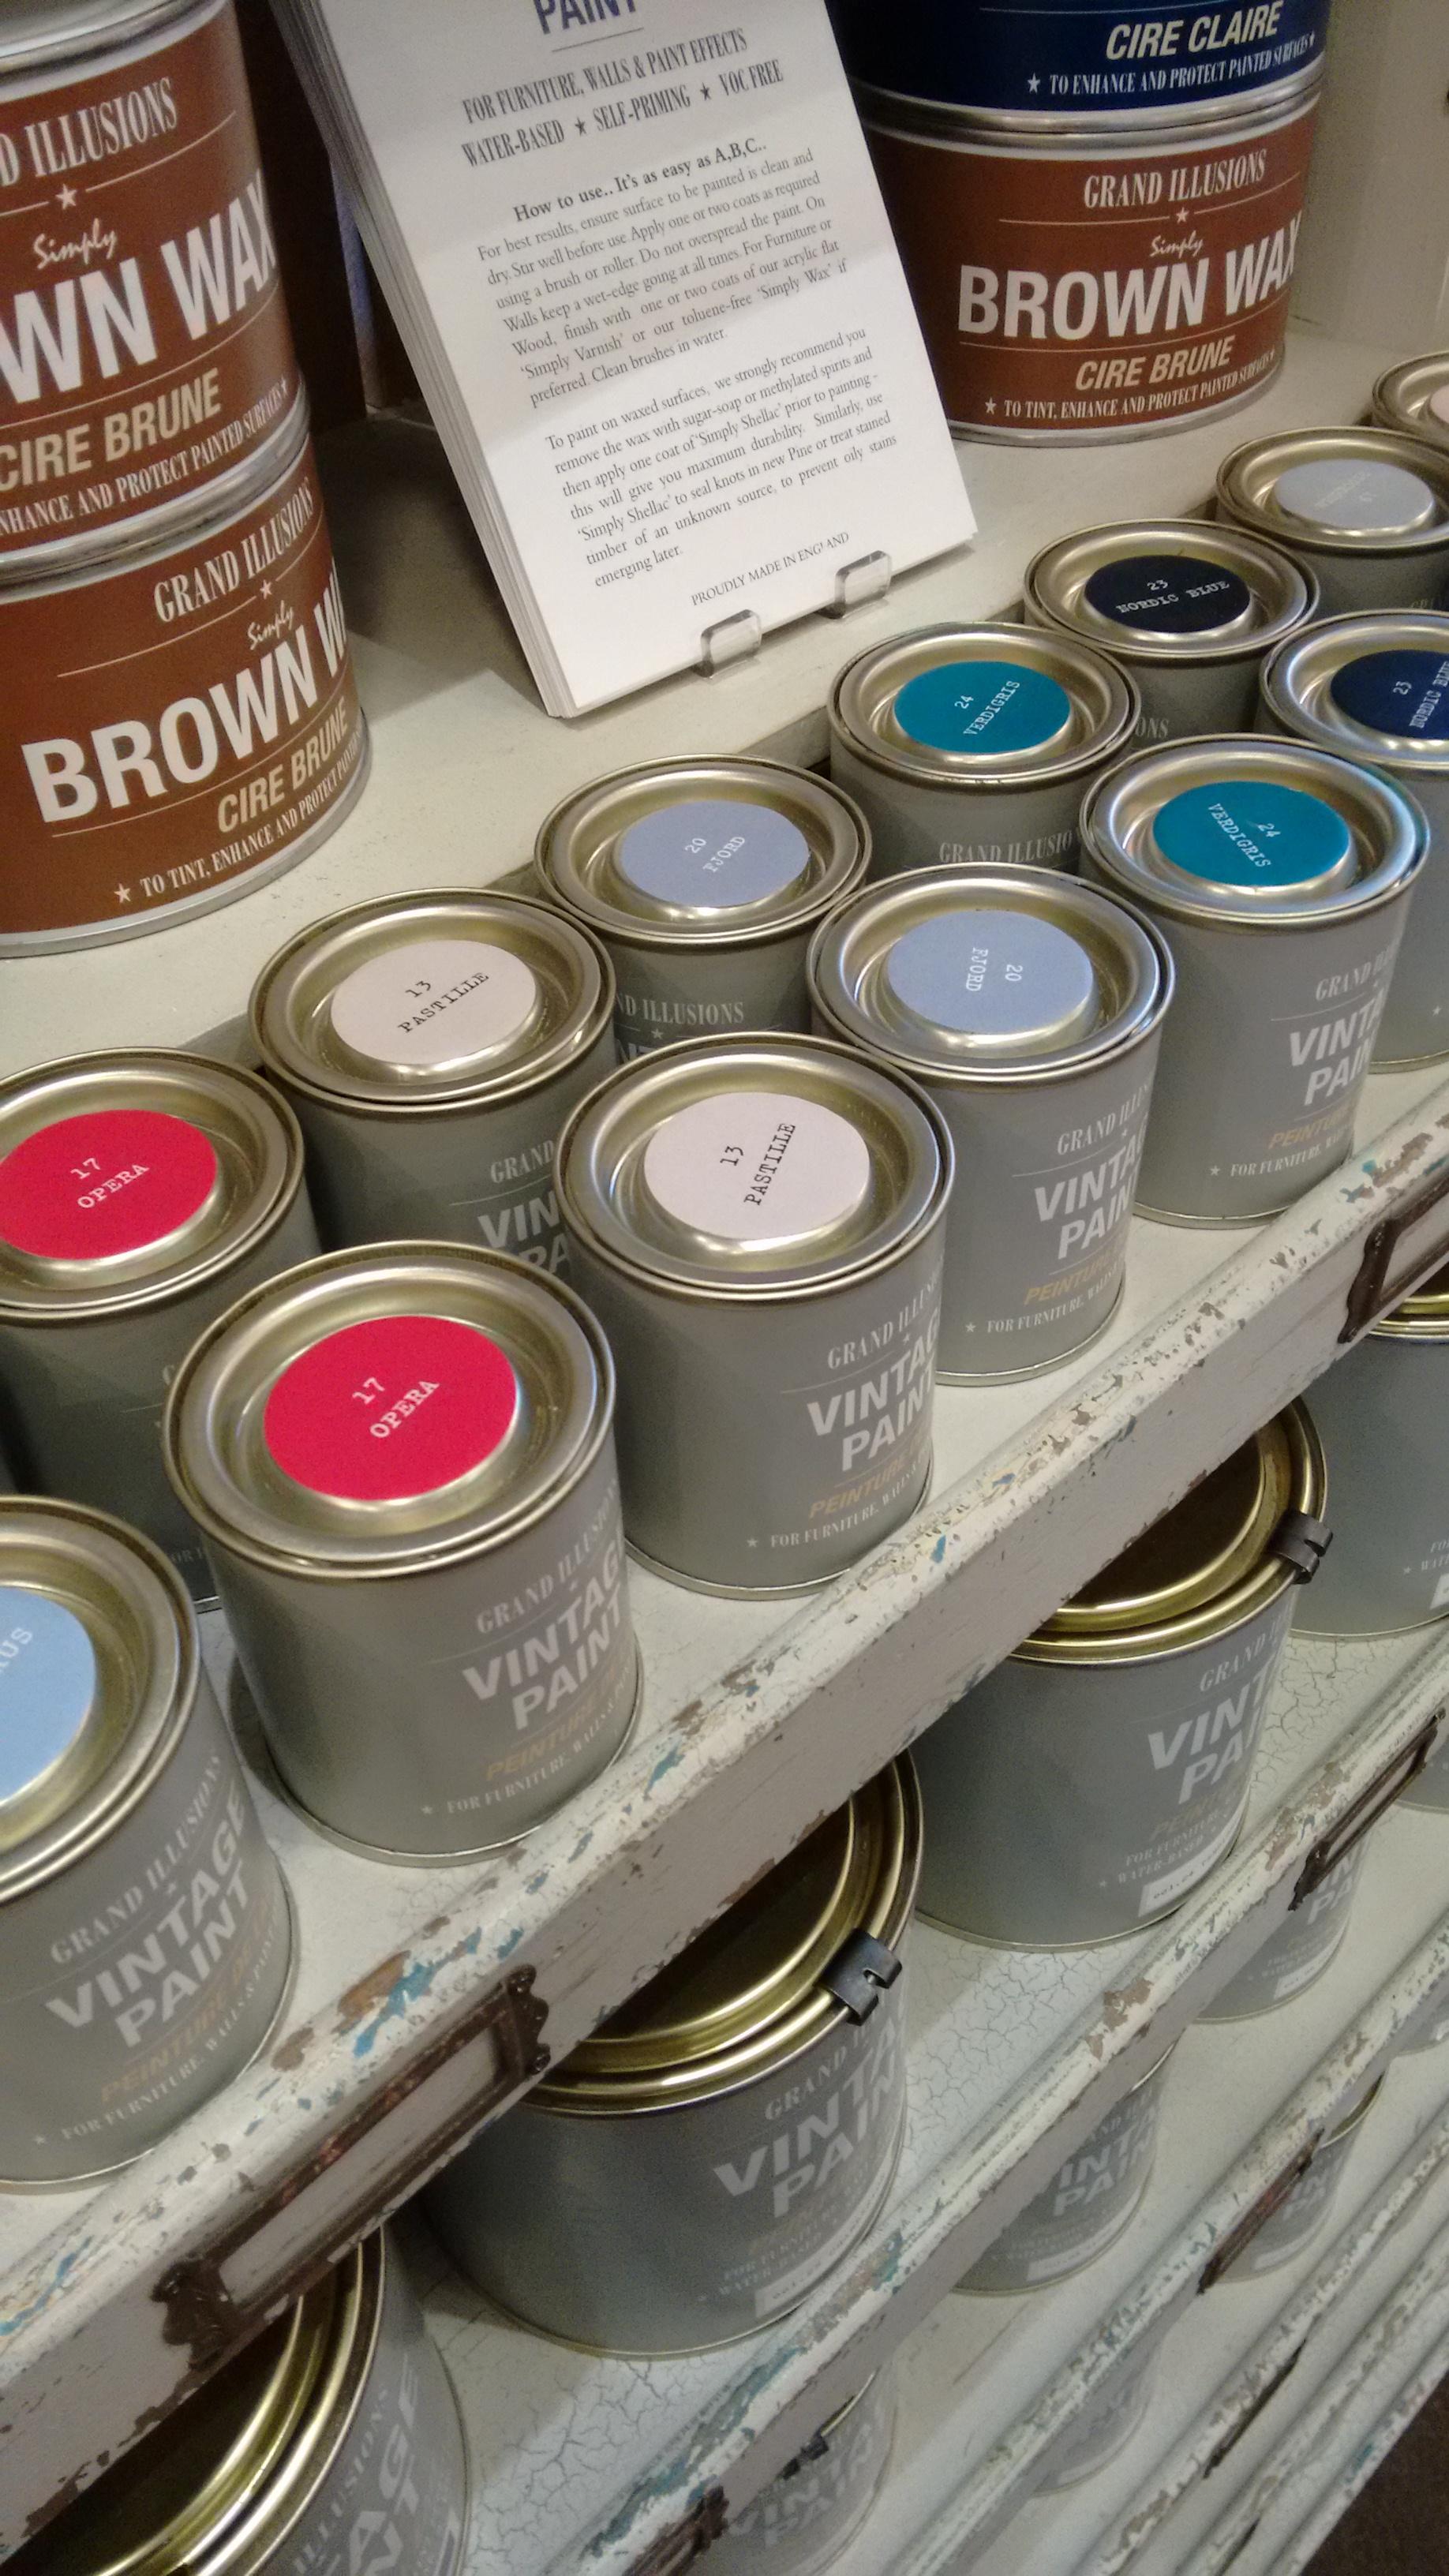 Vintage paints arranged on shop shelves